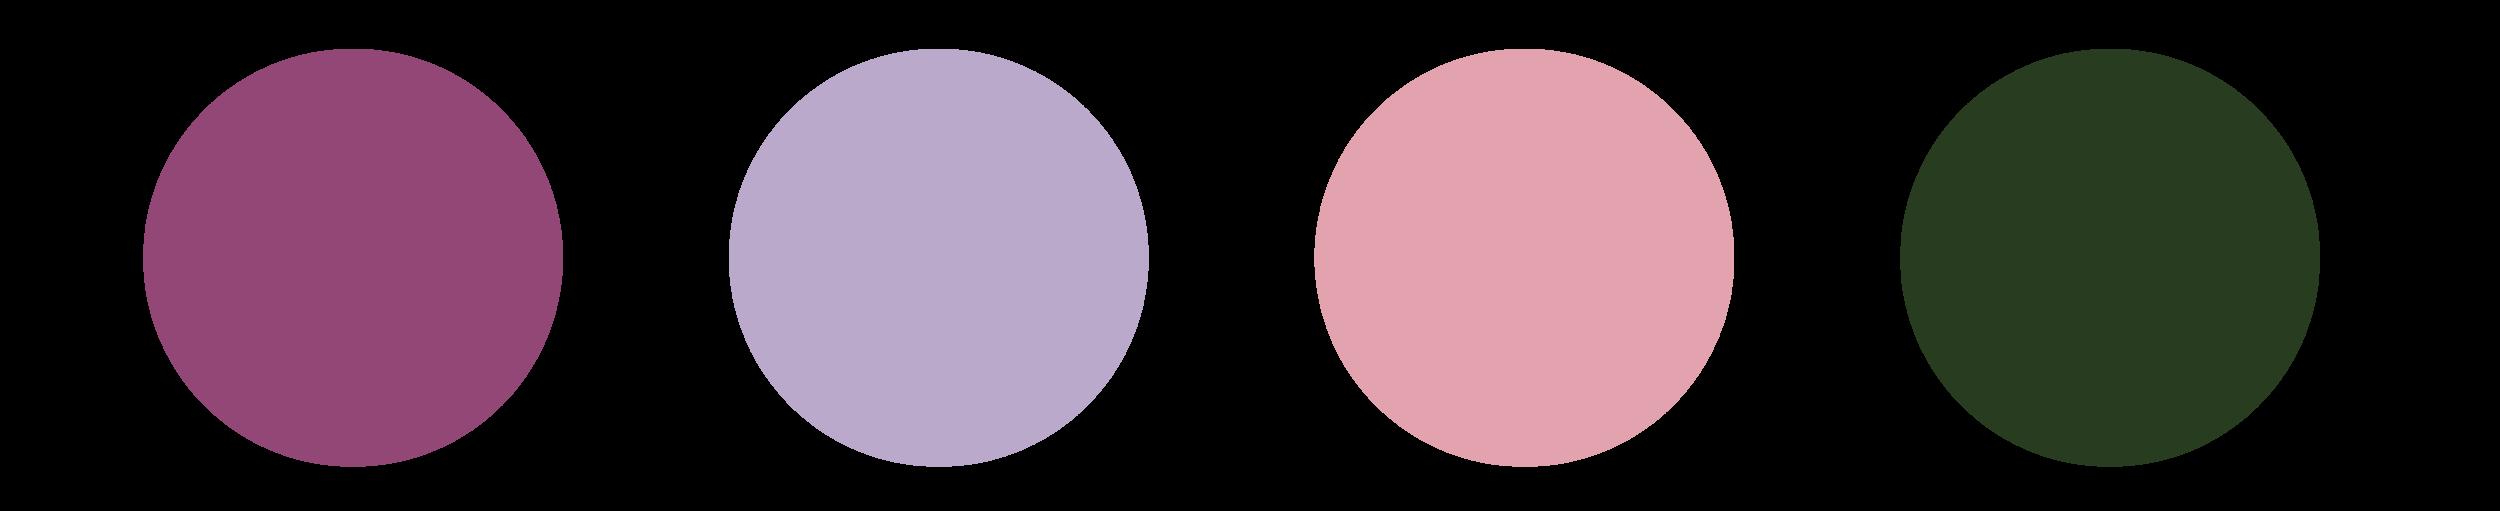 RR Color-01.png